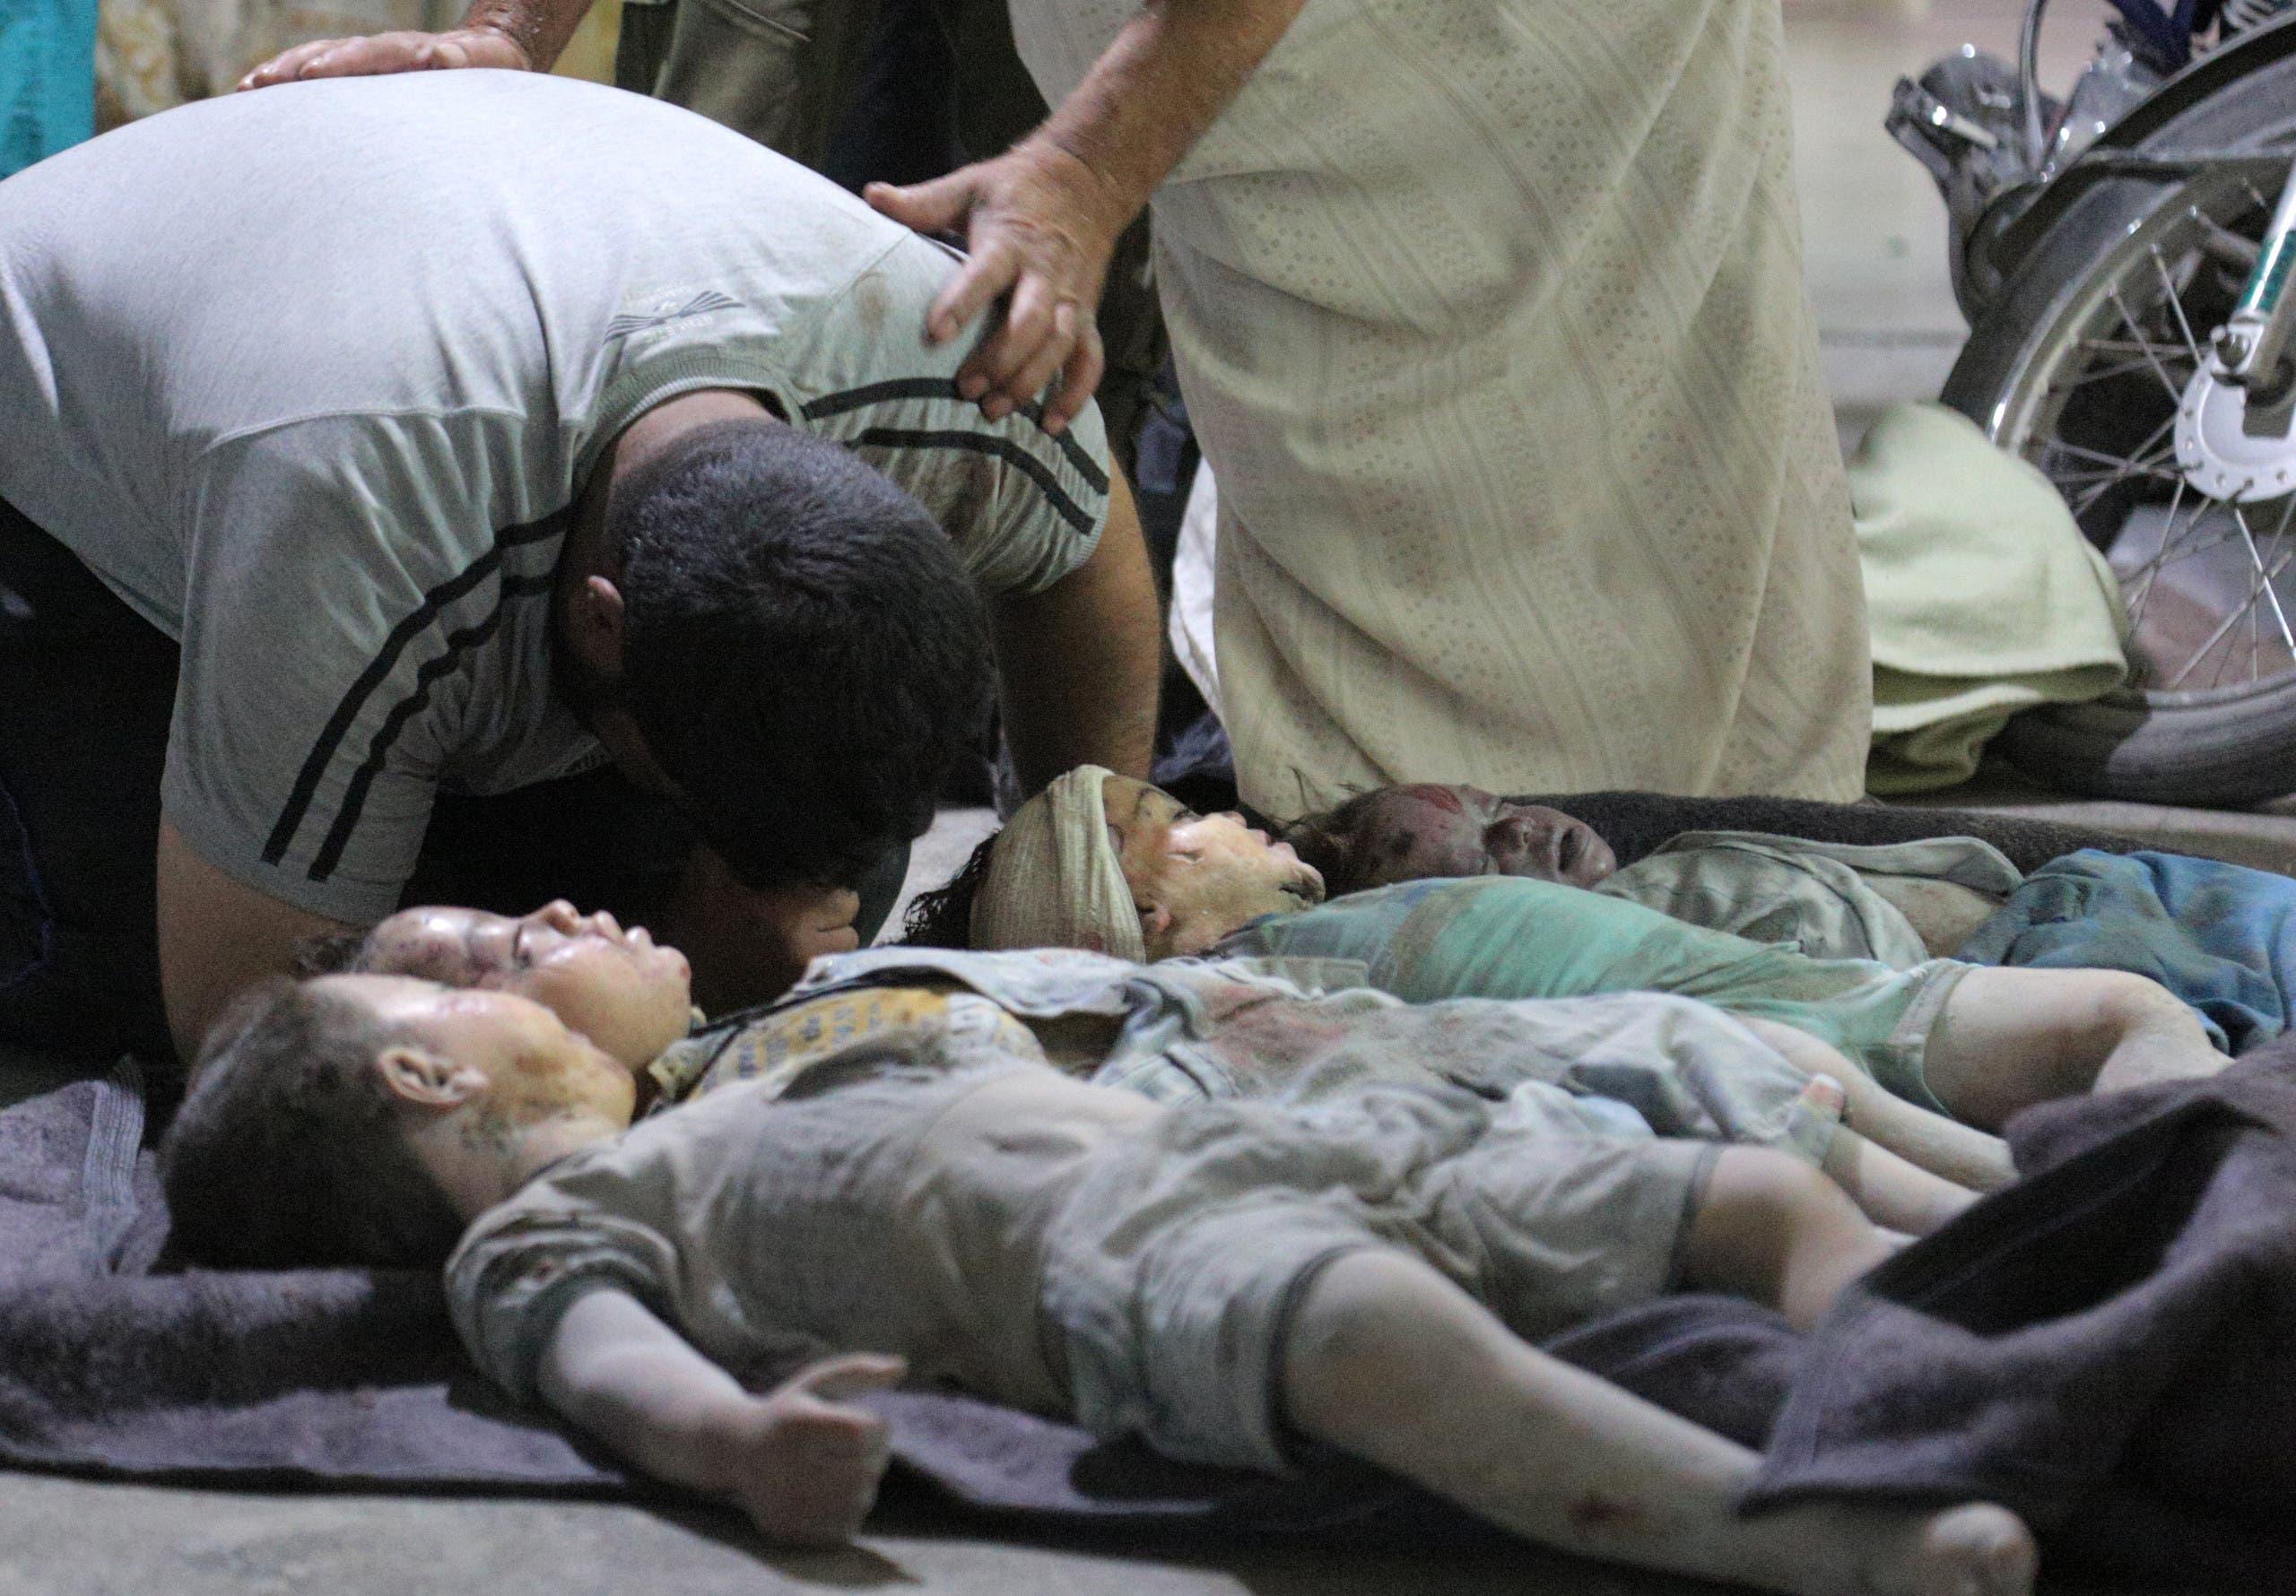 سوري يبكي على أطفاله الذين قضوا في غارة بإدلب في أغسطس الماضي